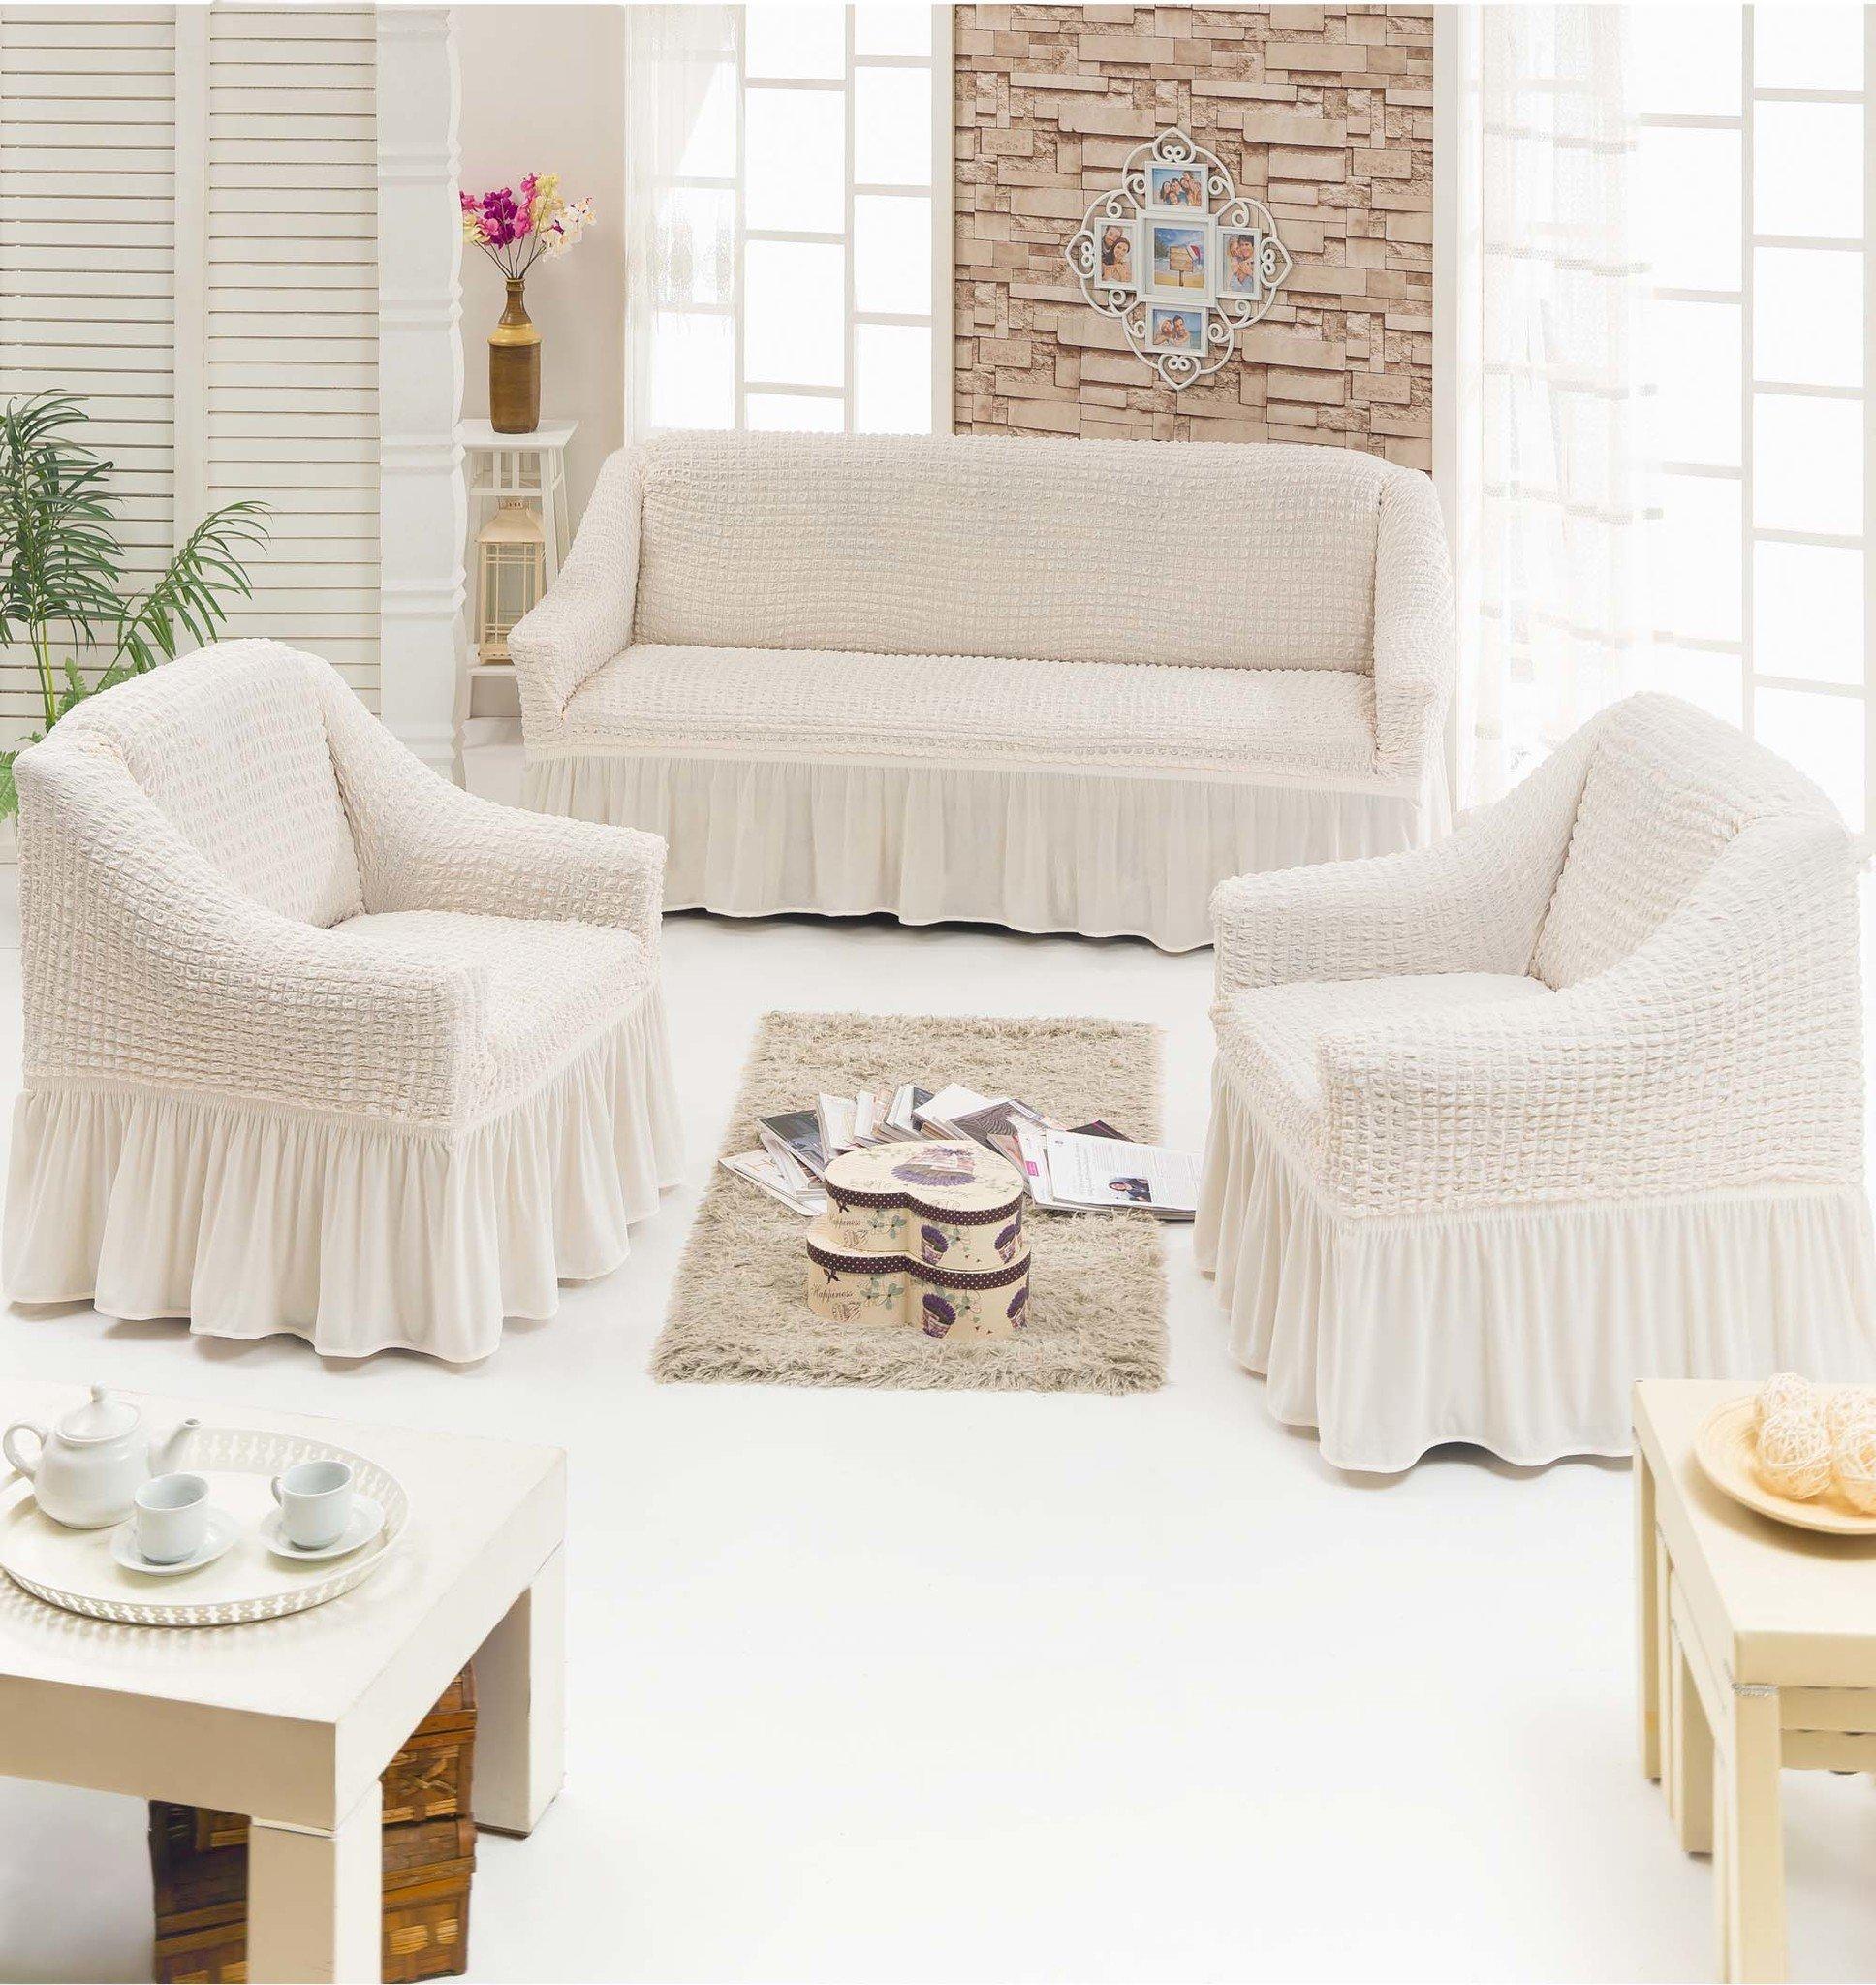 В спальню: Чехол для мягкой мебели из 3-х предметов : MTR0106